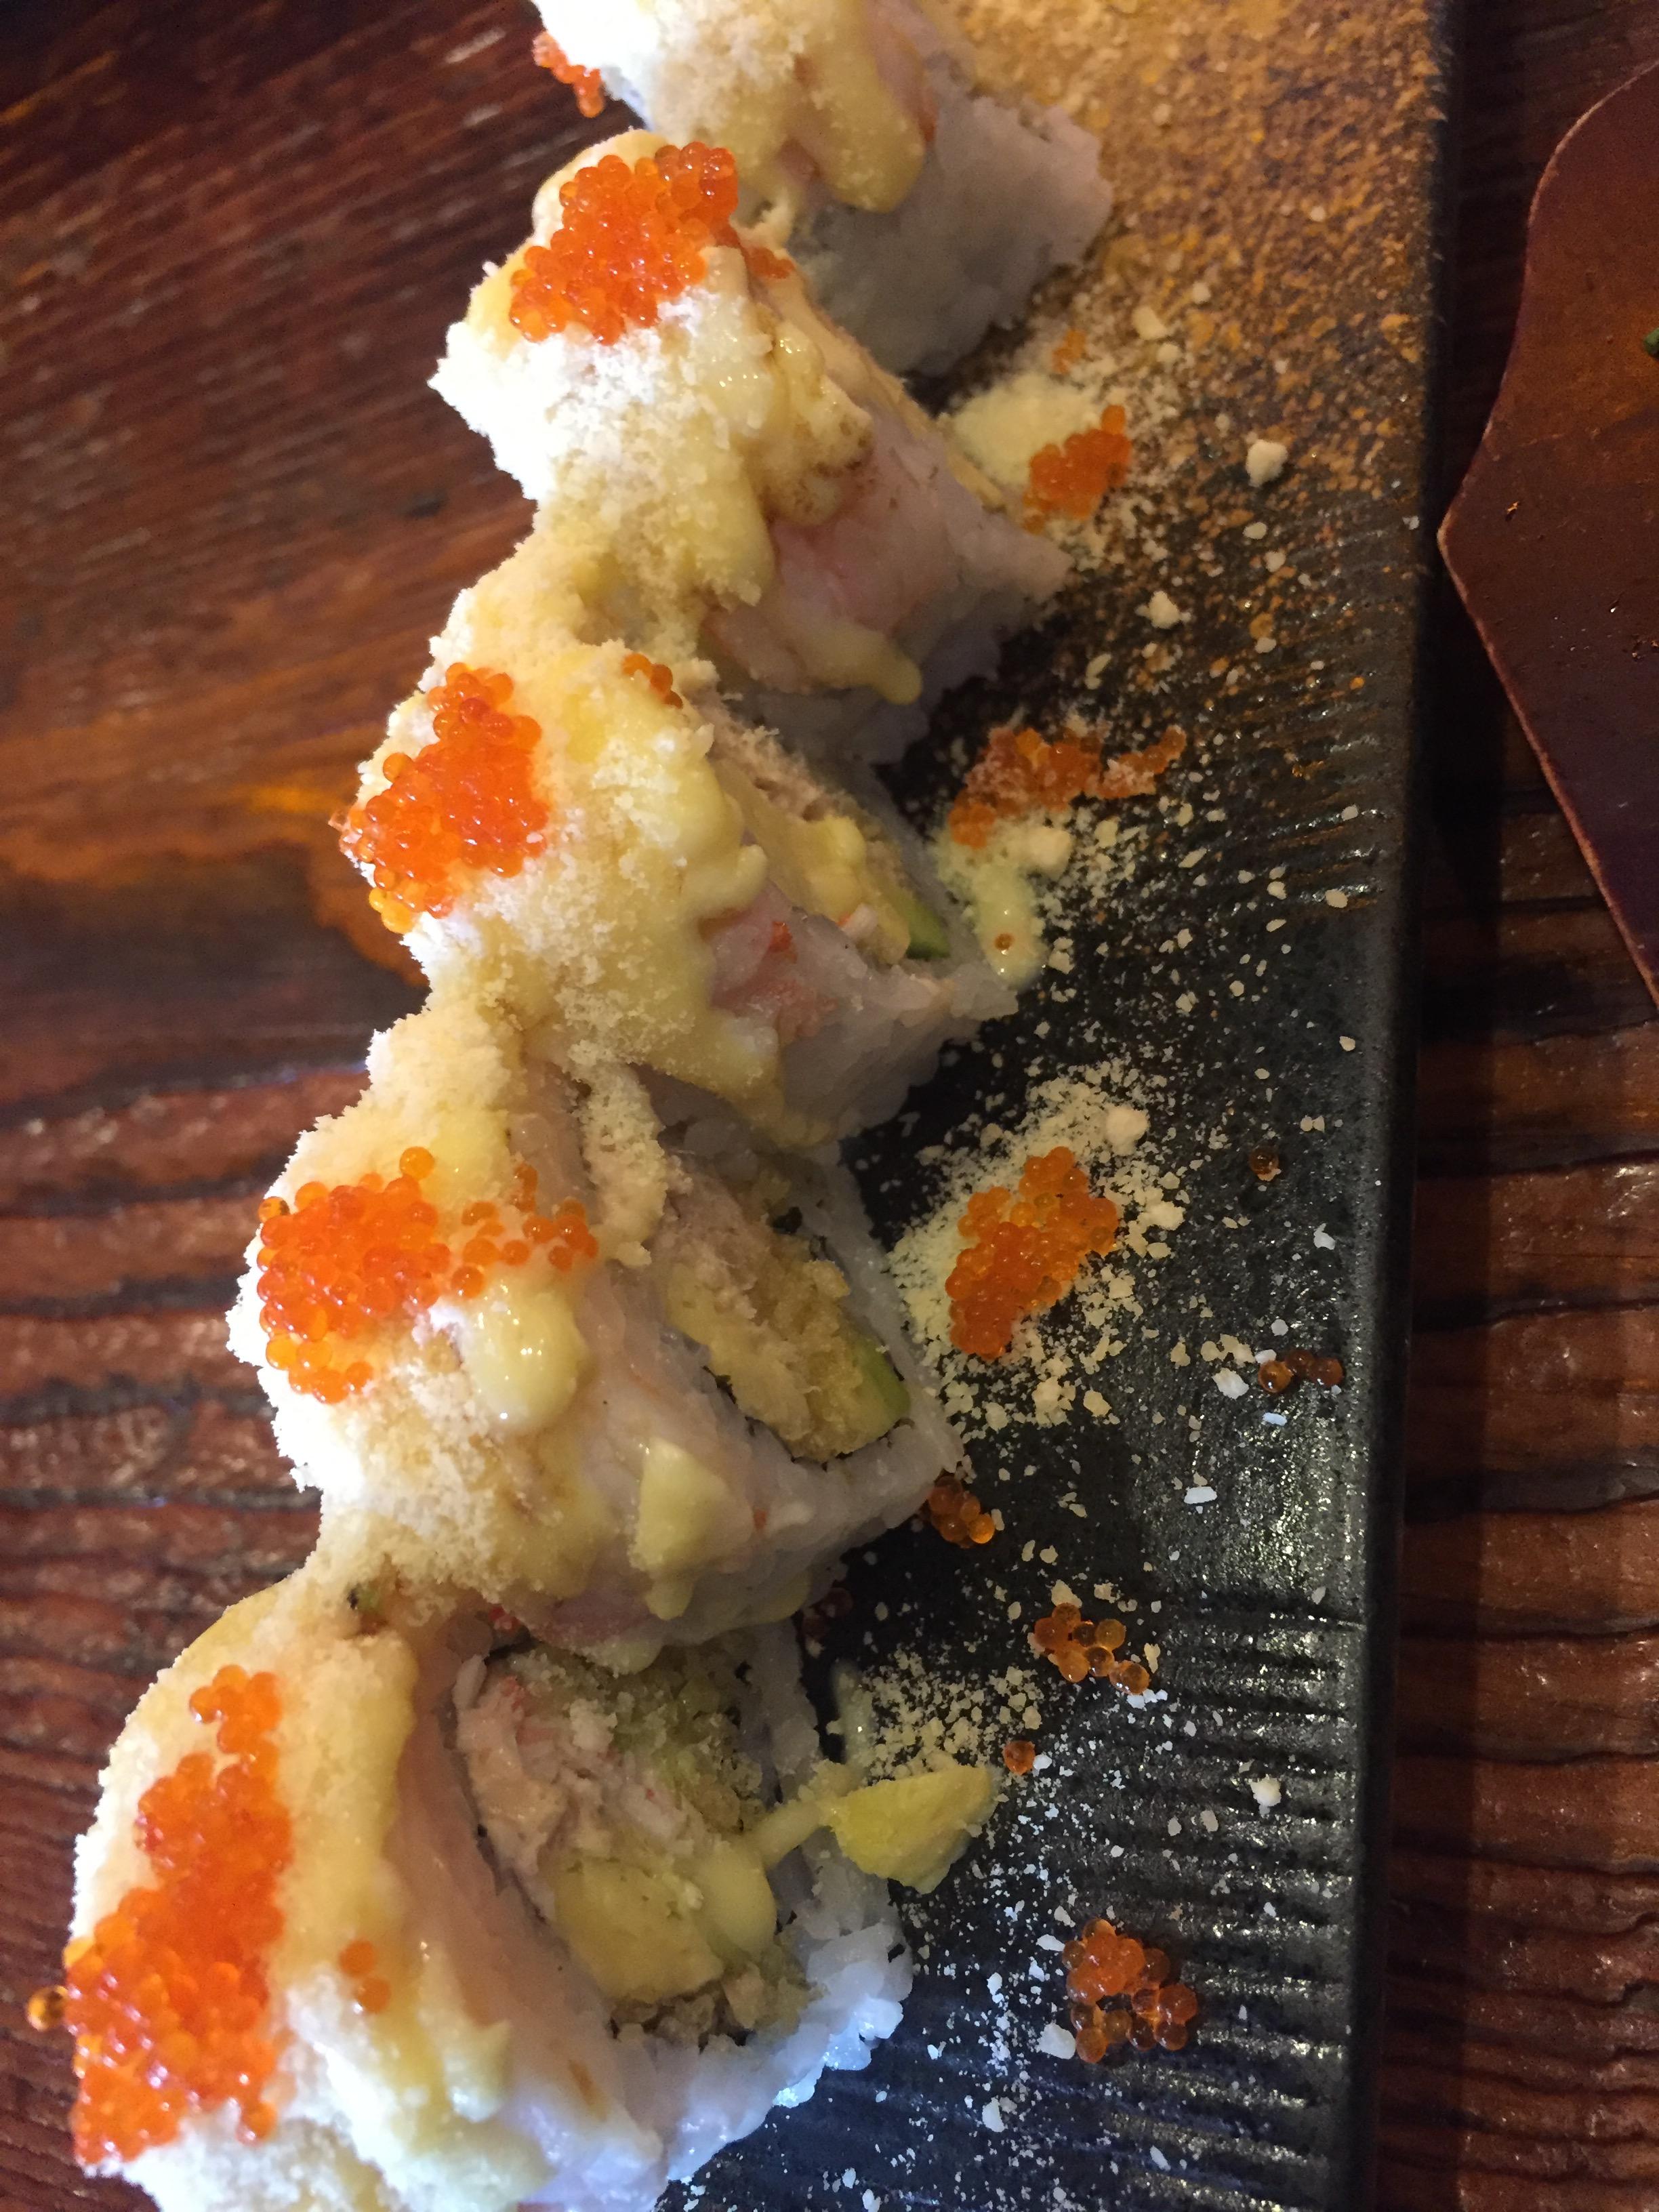 营造出一种类似薄荷的清爽感觉.蟹子的咔叽咔叽味道和内部一小块类